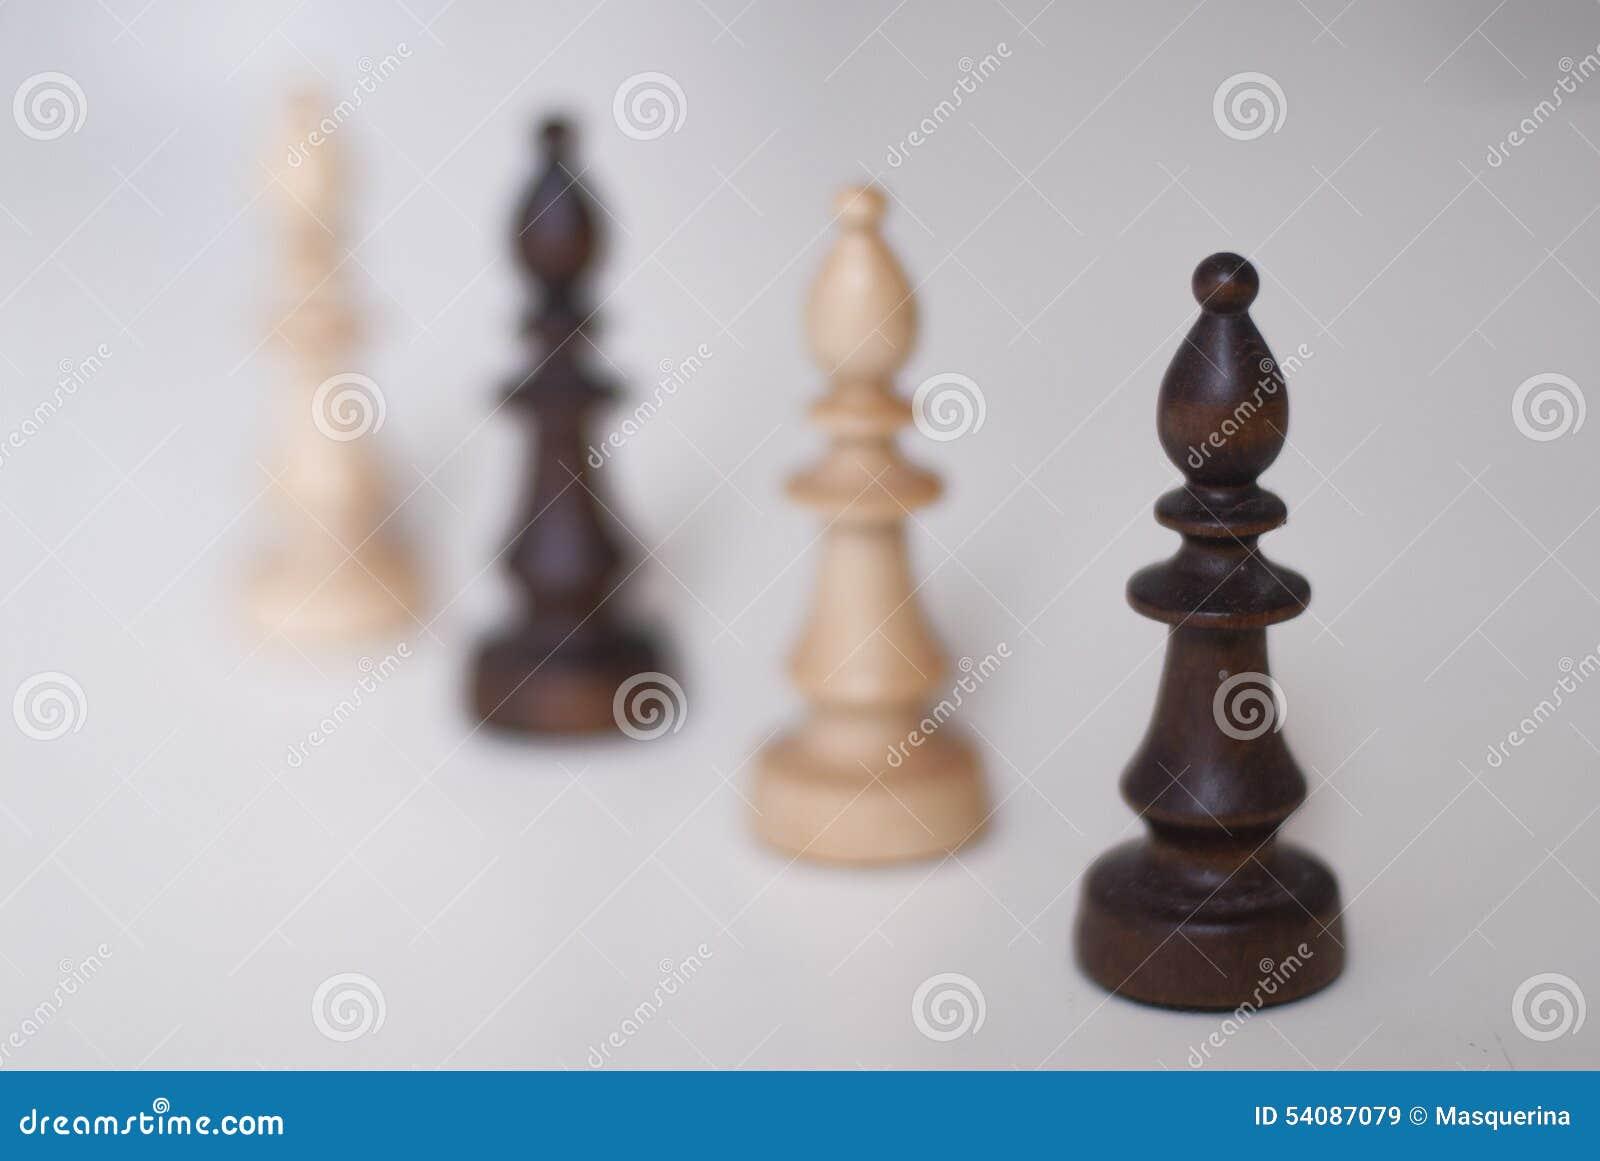 Zwart-witte schaakbischoppen